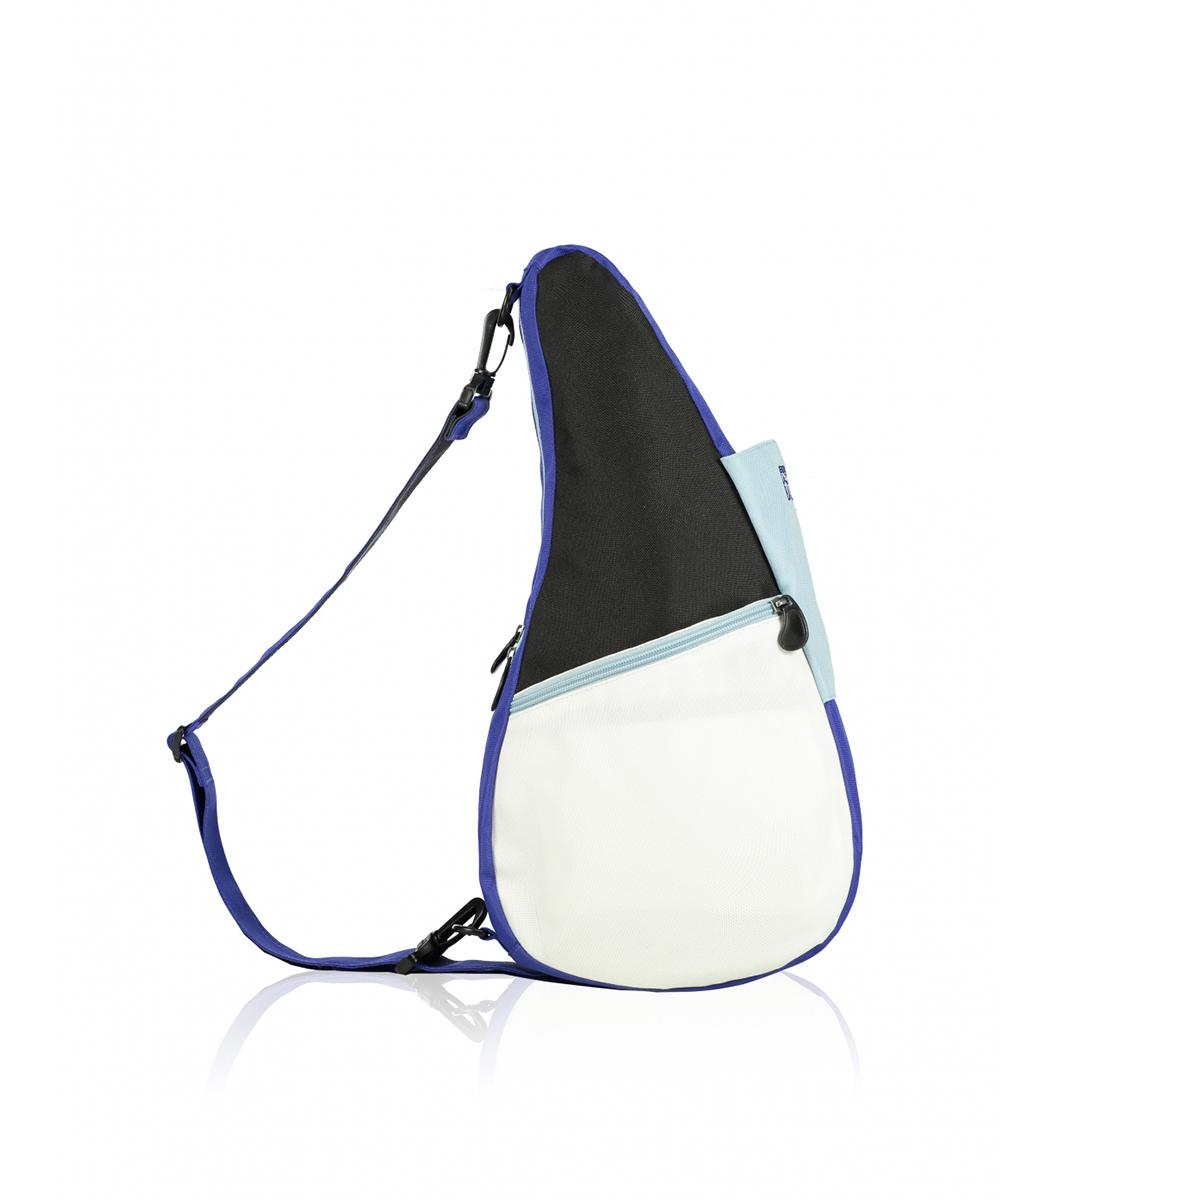 Healthy Back Bag/ヘルシーバックバッグ/ショルダーバッグ/ボディバッグ/旅行バッグ/軽量/レディース/メンズ 《限定ポーチ付》 ヘルシーバックバッグ リバーシブル Sサイズ モザイクブルー